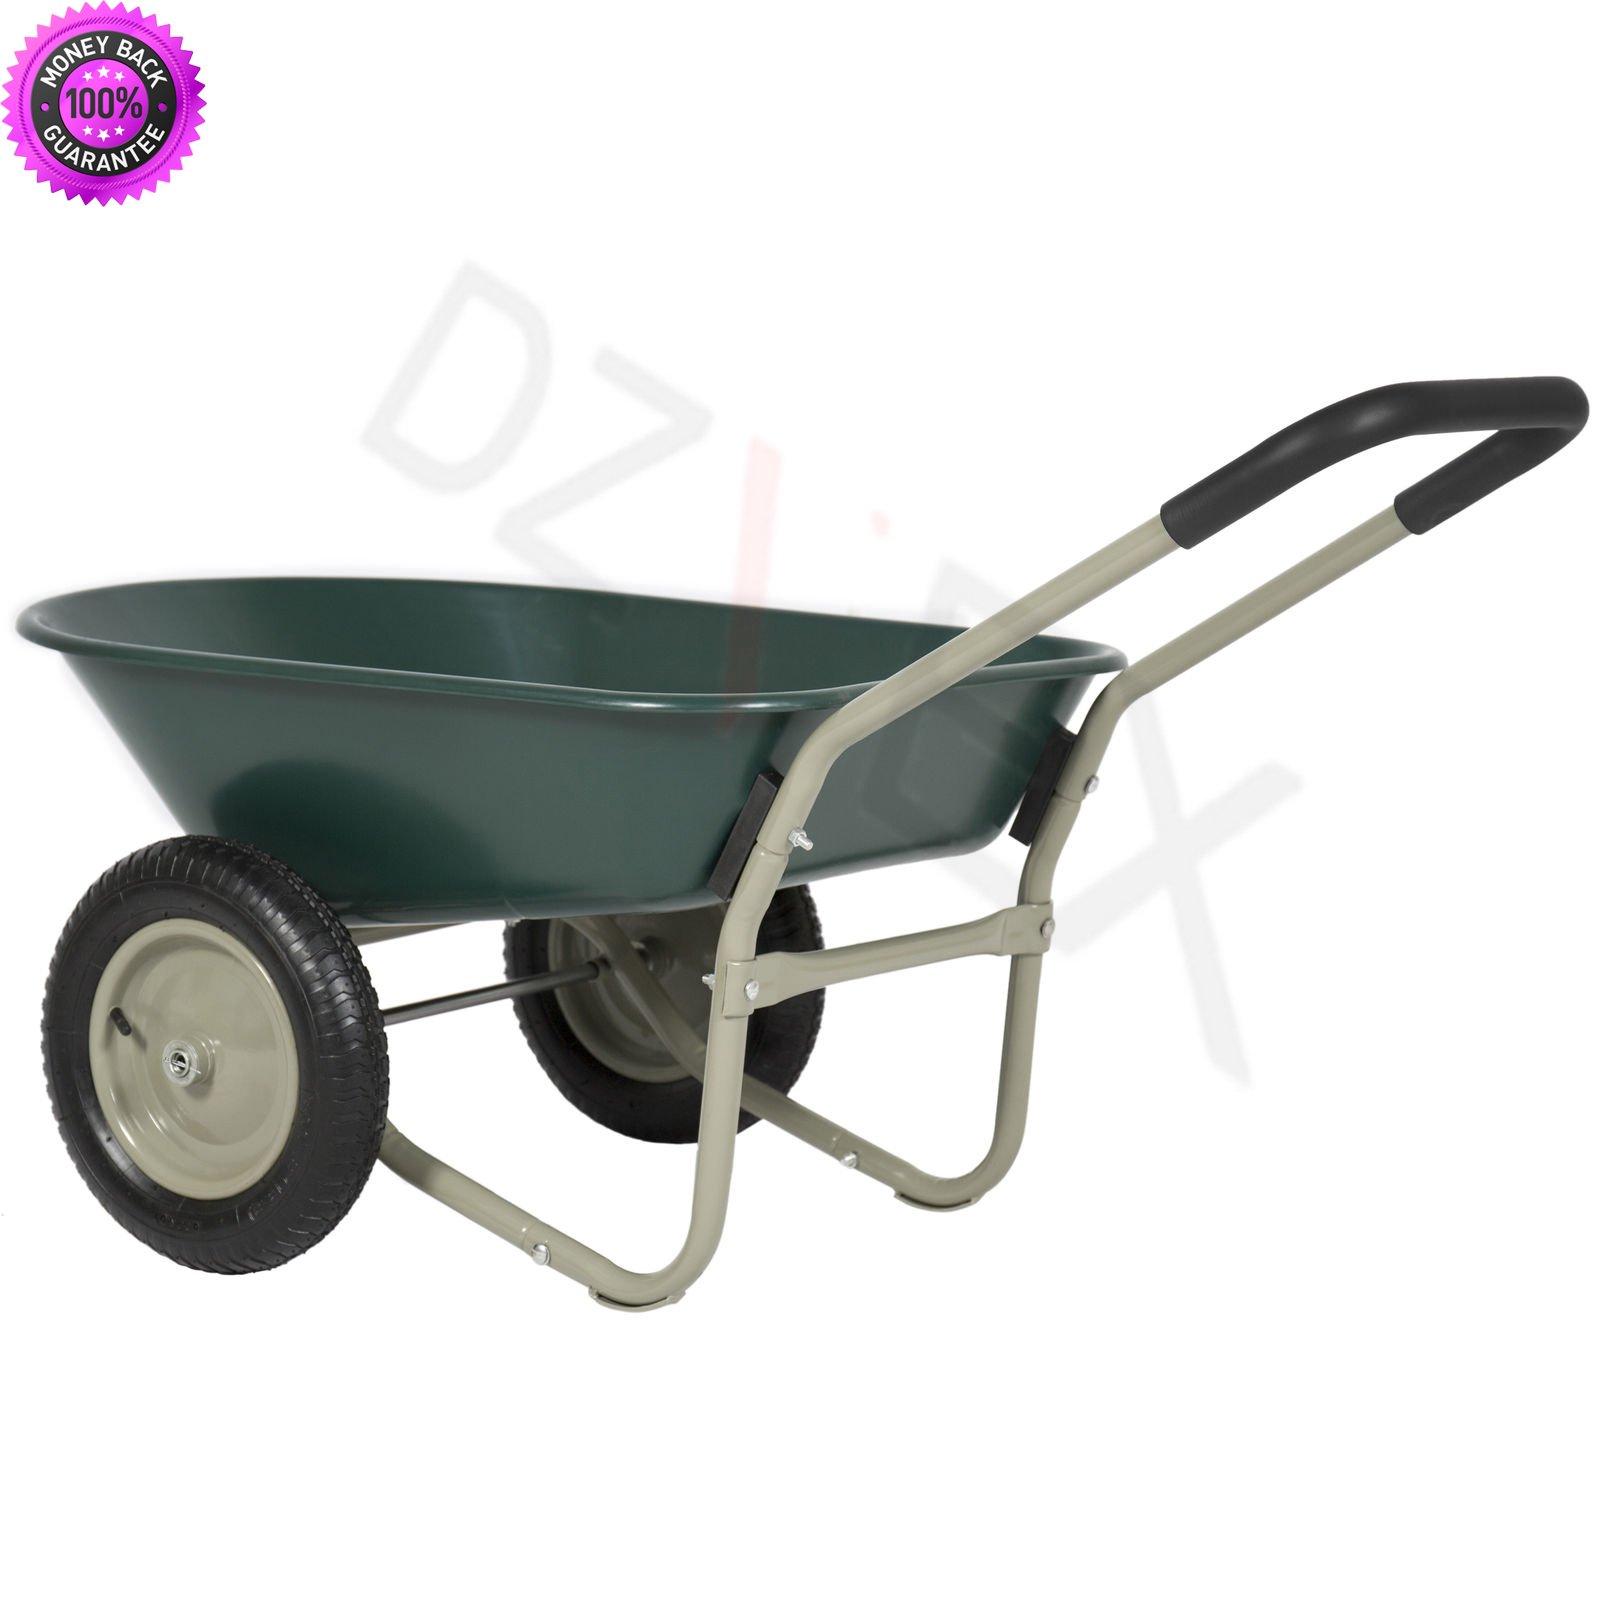 DzVeX Dual Wheel Home Wheelbarrow Yard Garden Cart And wheelbarrow tractor supply wheelbarrows home depot lowes wheelbarrow wheelbarrow wheelbarrows near me